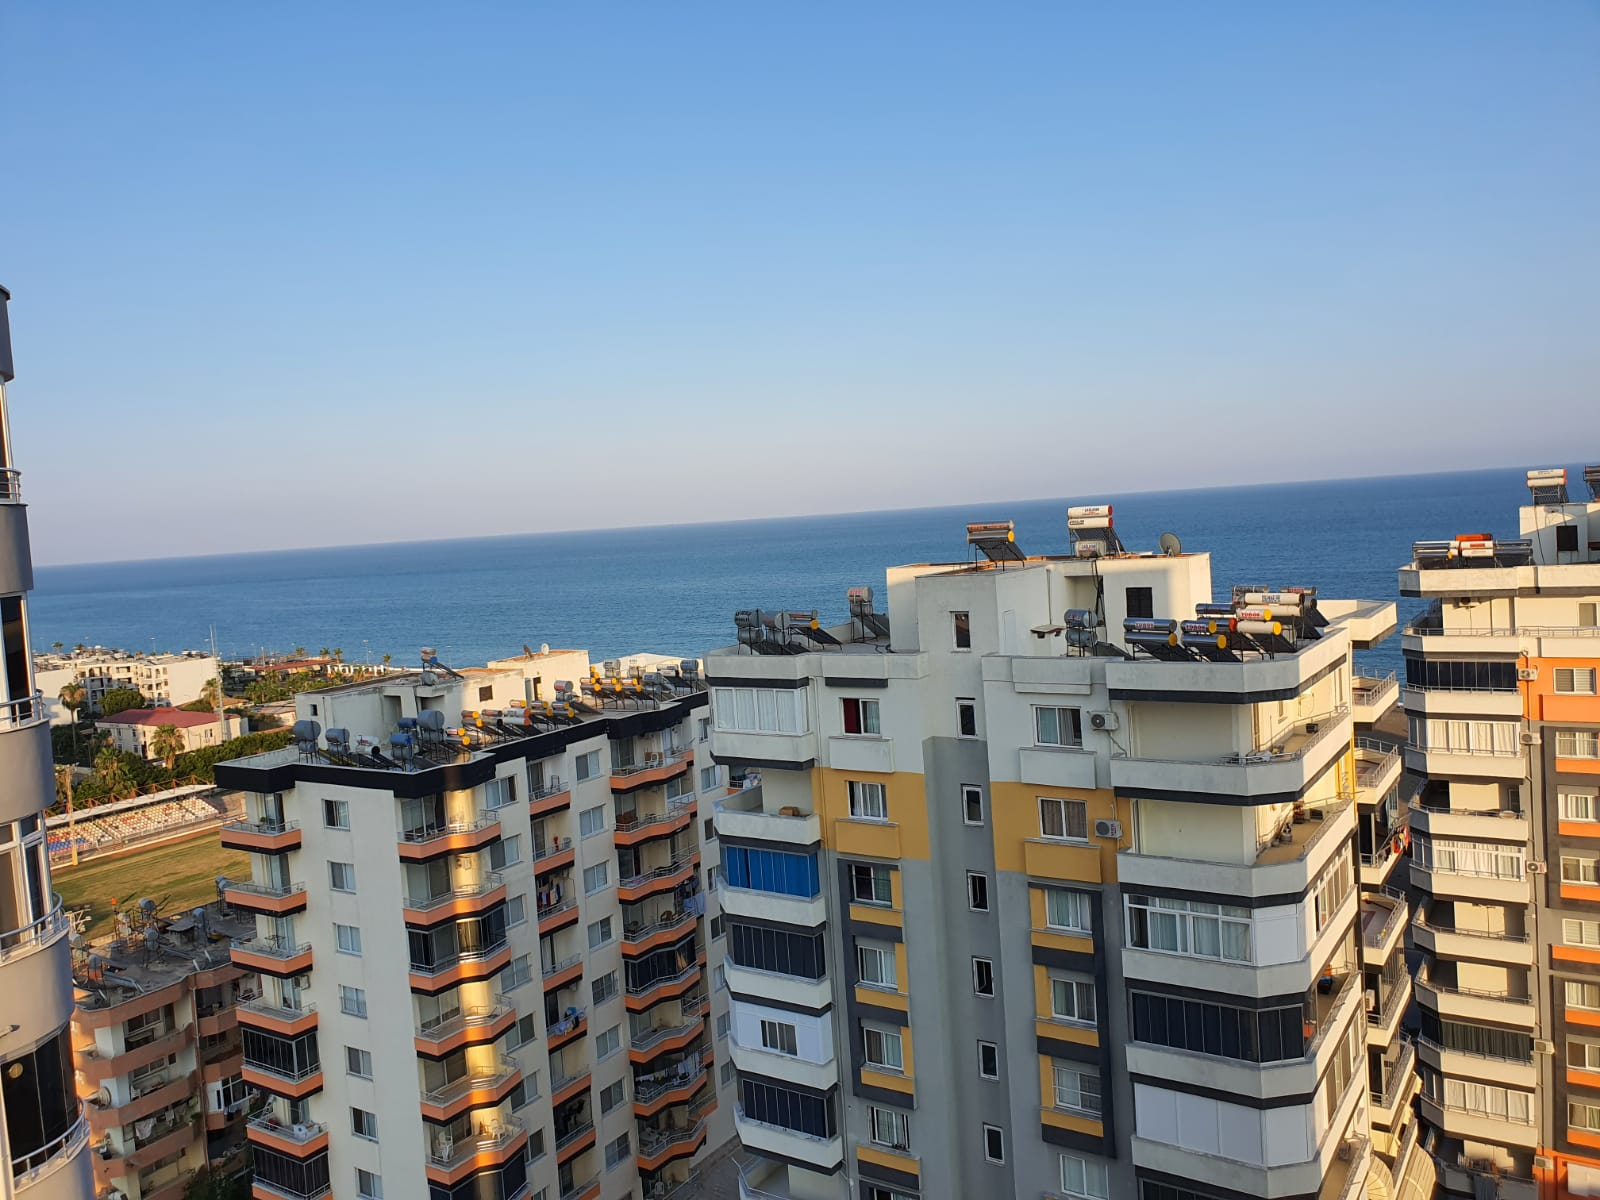 Erdemli Akdeniz Mahallesi Satılık 3+1 Deniz Manzaralı Masrafsız Daire